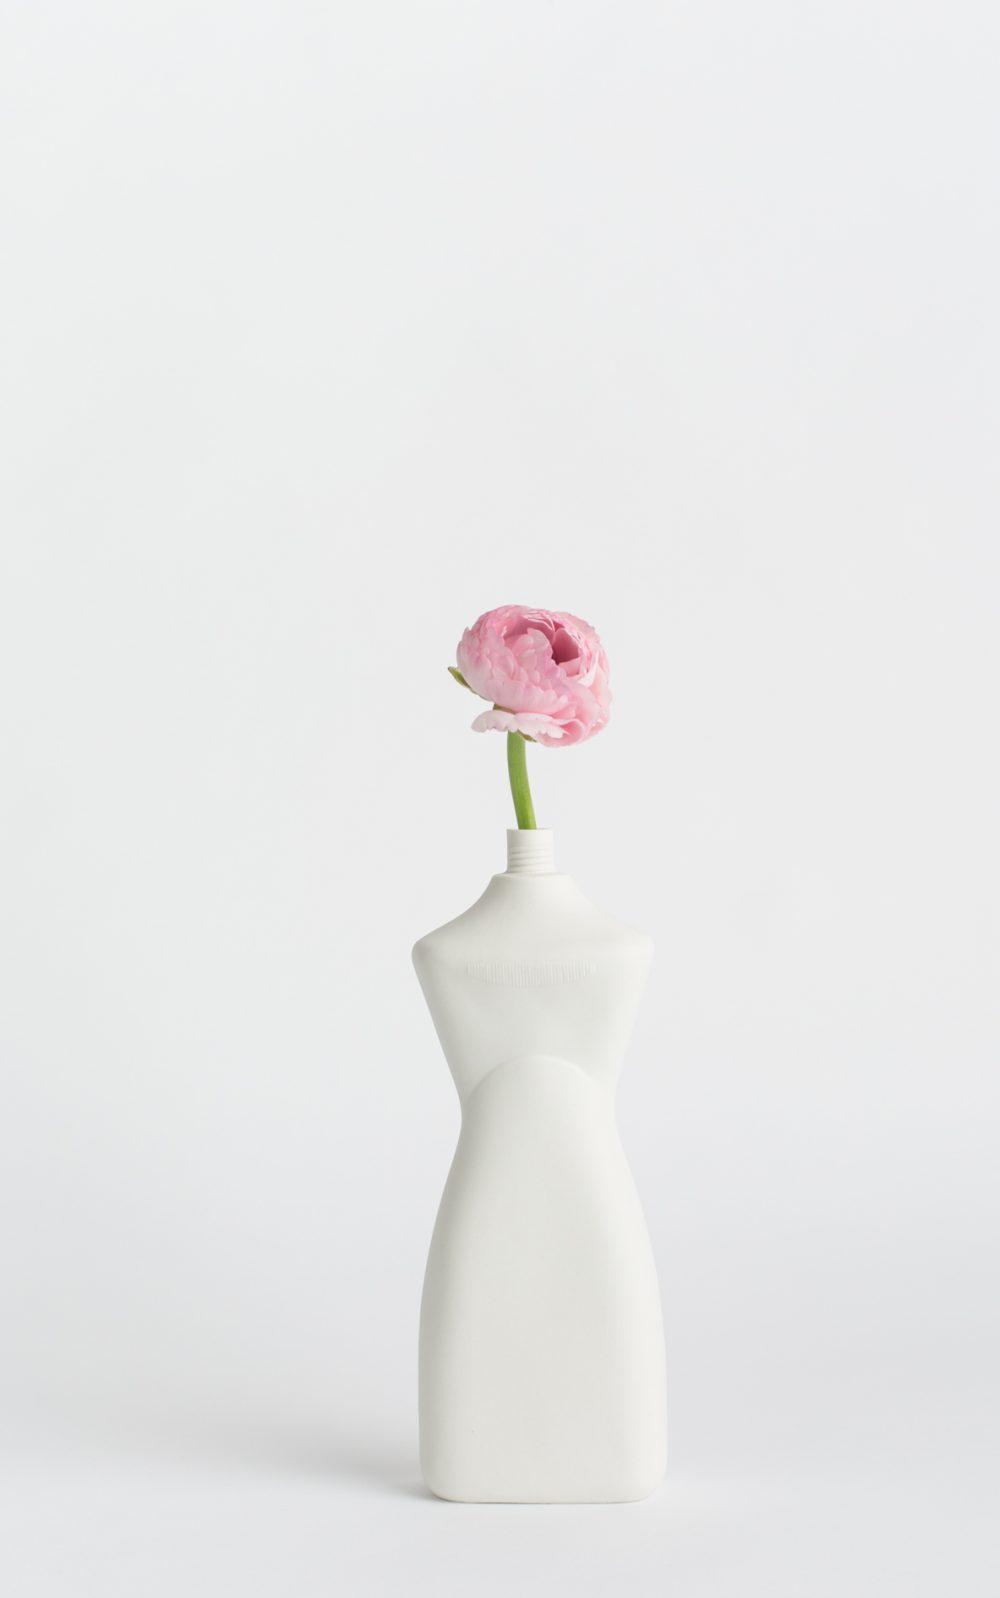 bottle vase #8 white with flower